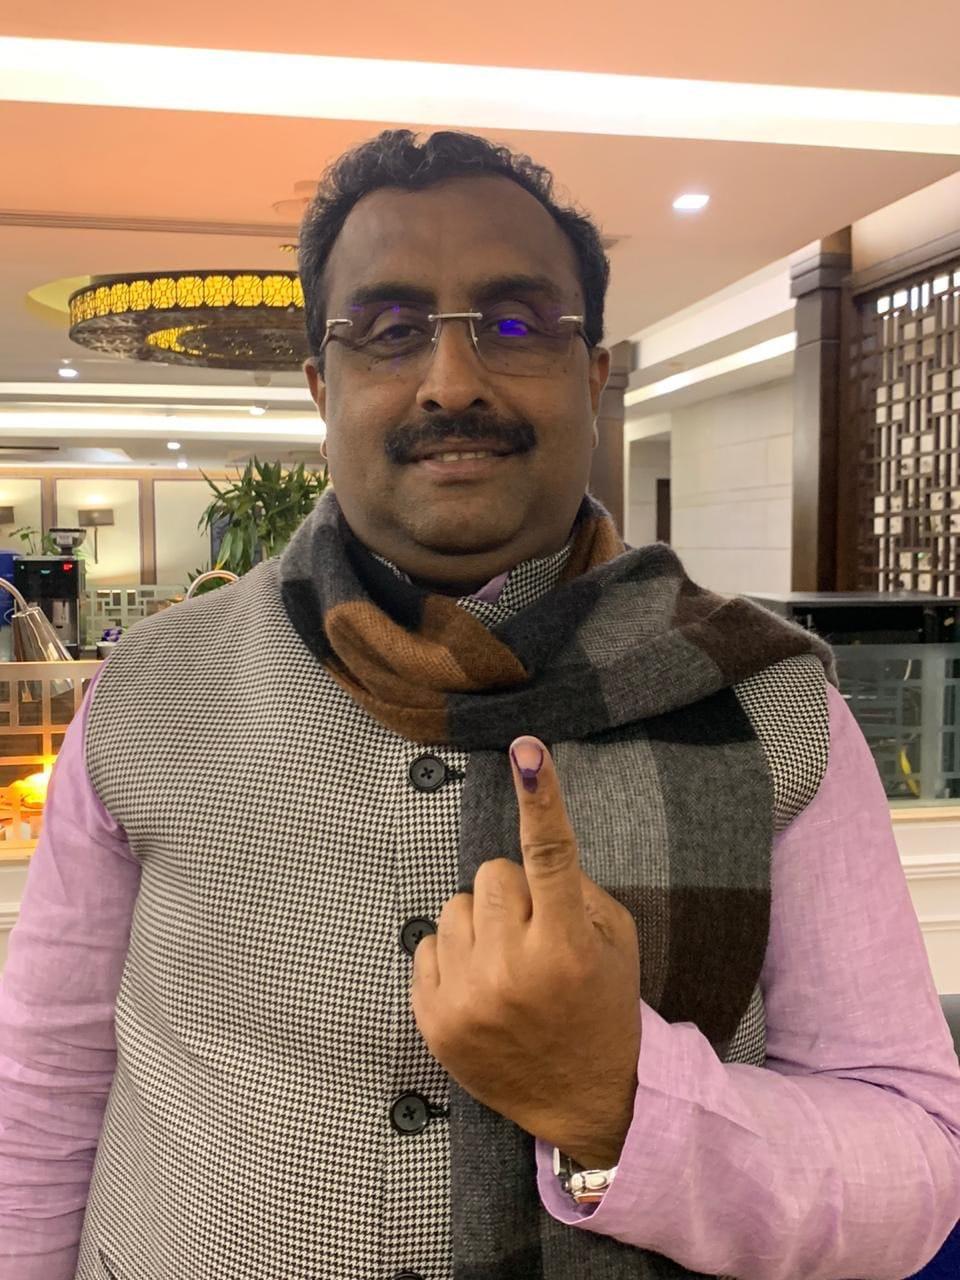 ఢిల్లీలో ఓటు హక్కు వినియోగించుకున్న బీజేపీ అగ్నేత రామ్ మాధవ్